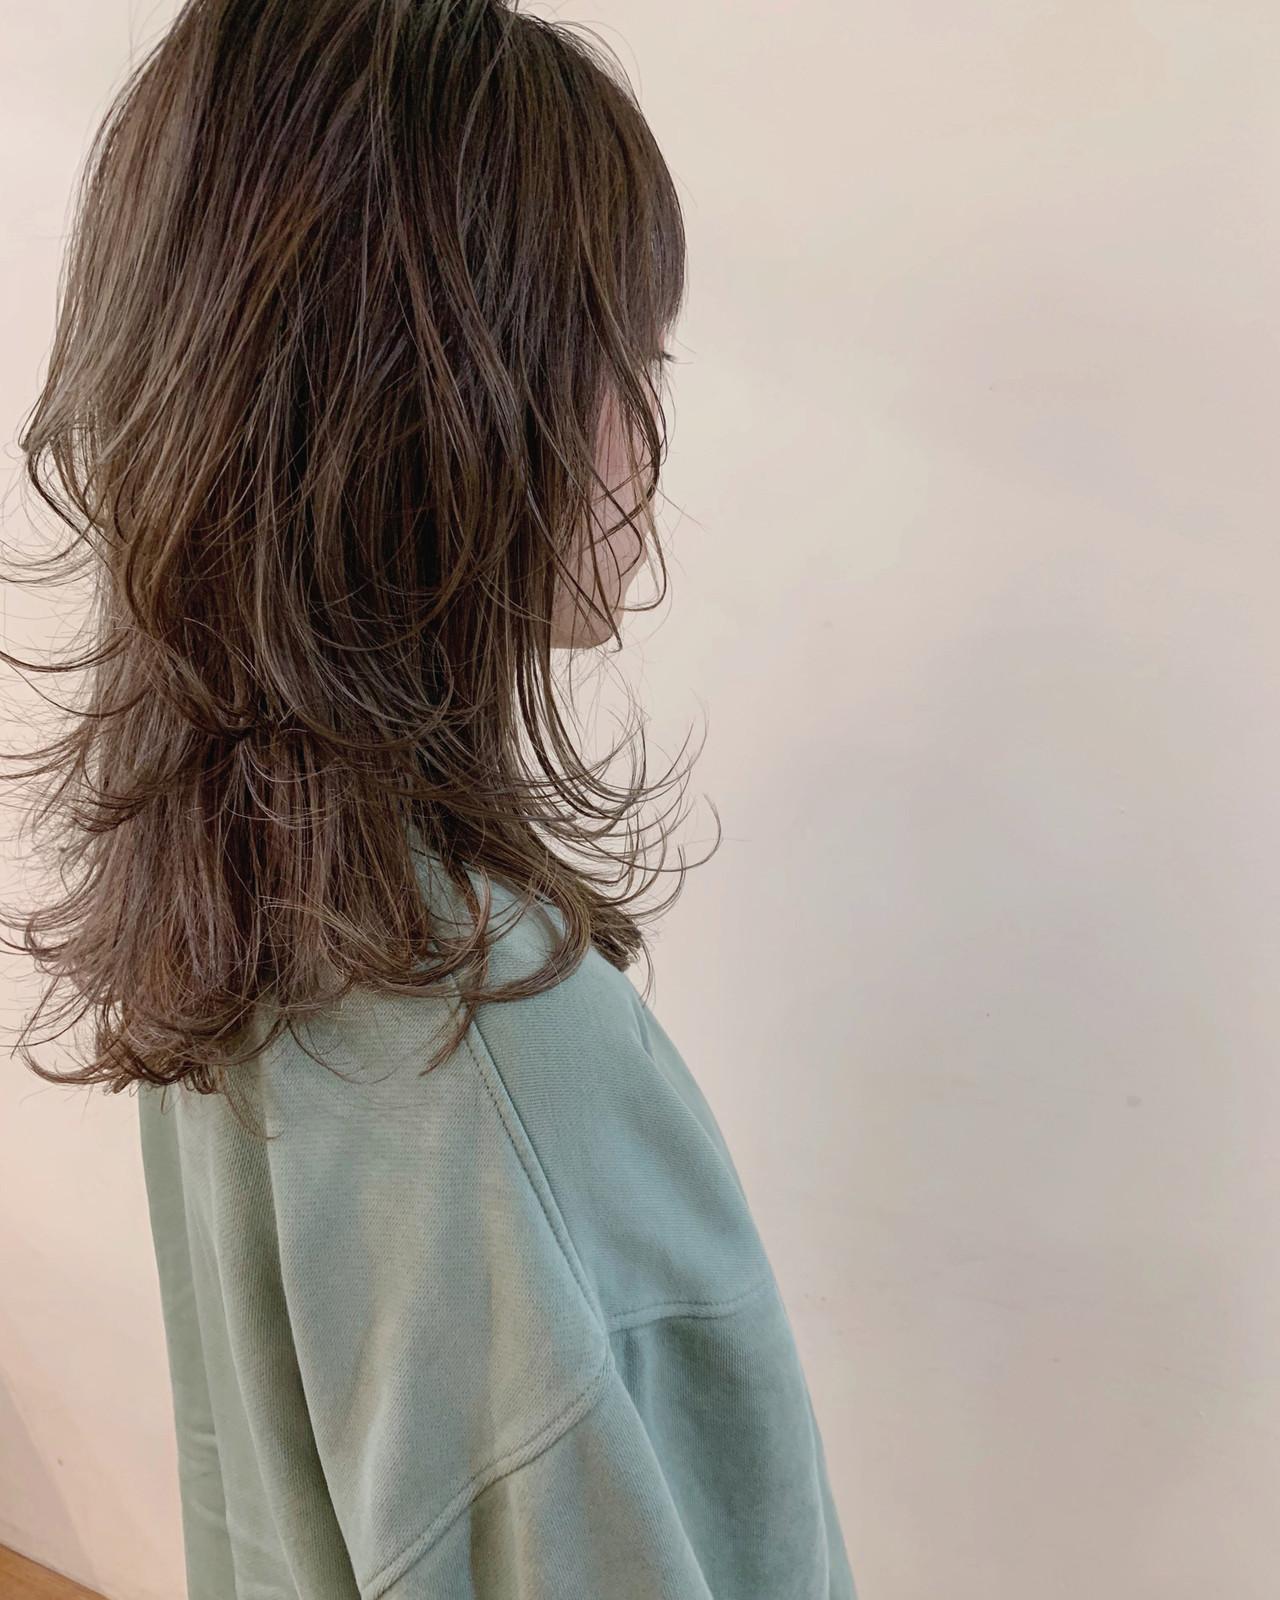 セミロング デート マッシュウルフ ナチュラル ヘアスタイルや髪型の写真・画像 | yumiko/sapporoSKNOW / SKNOW